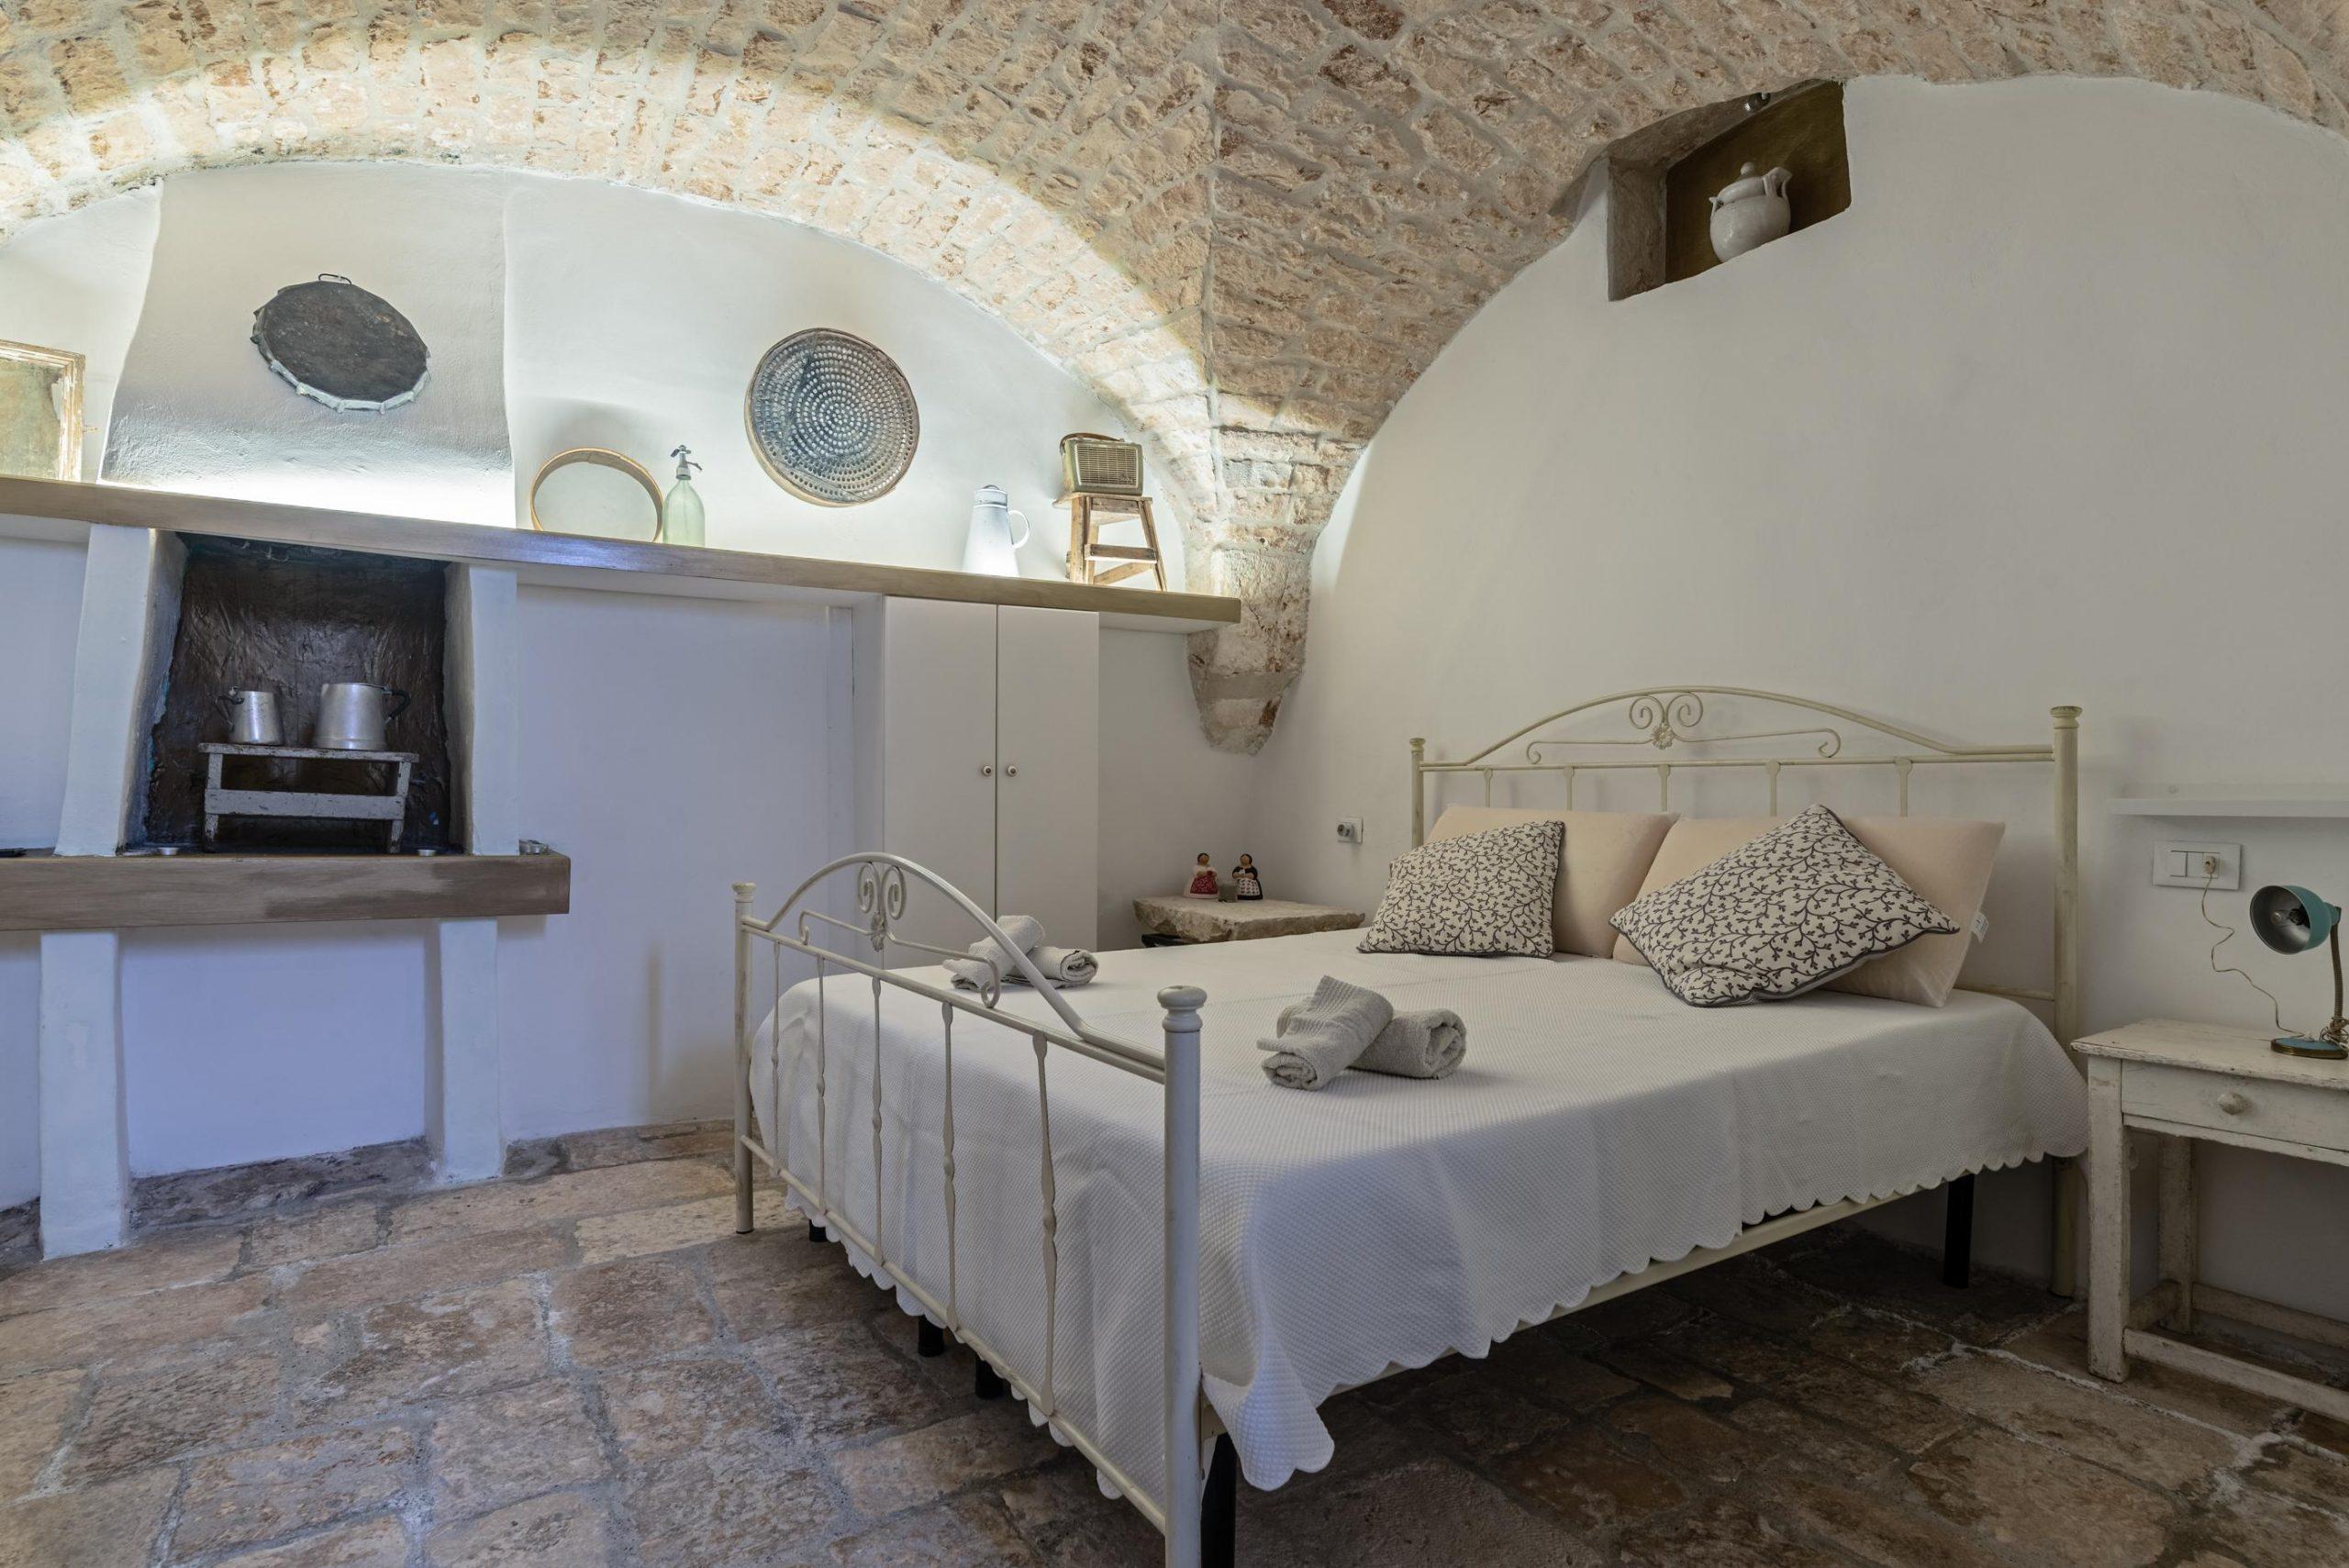 camera con letto matrimoniale bianco in una casa tipica pugliese